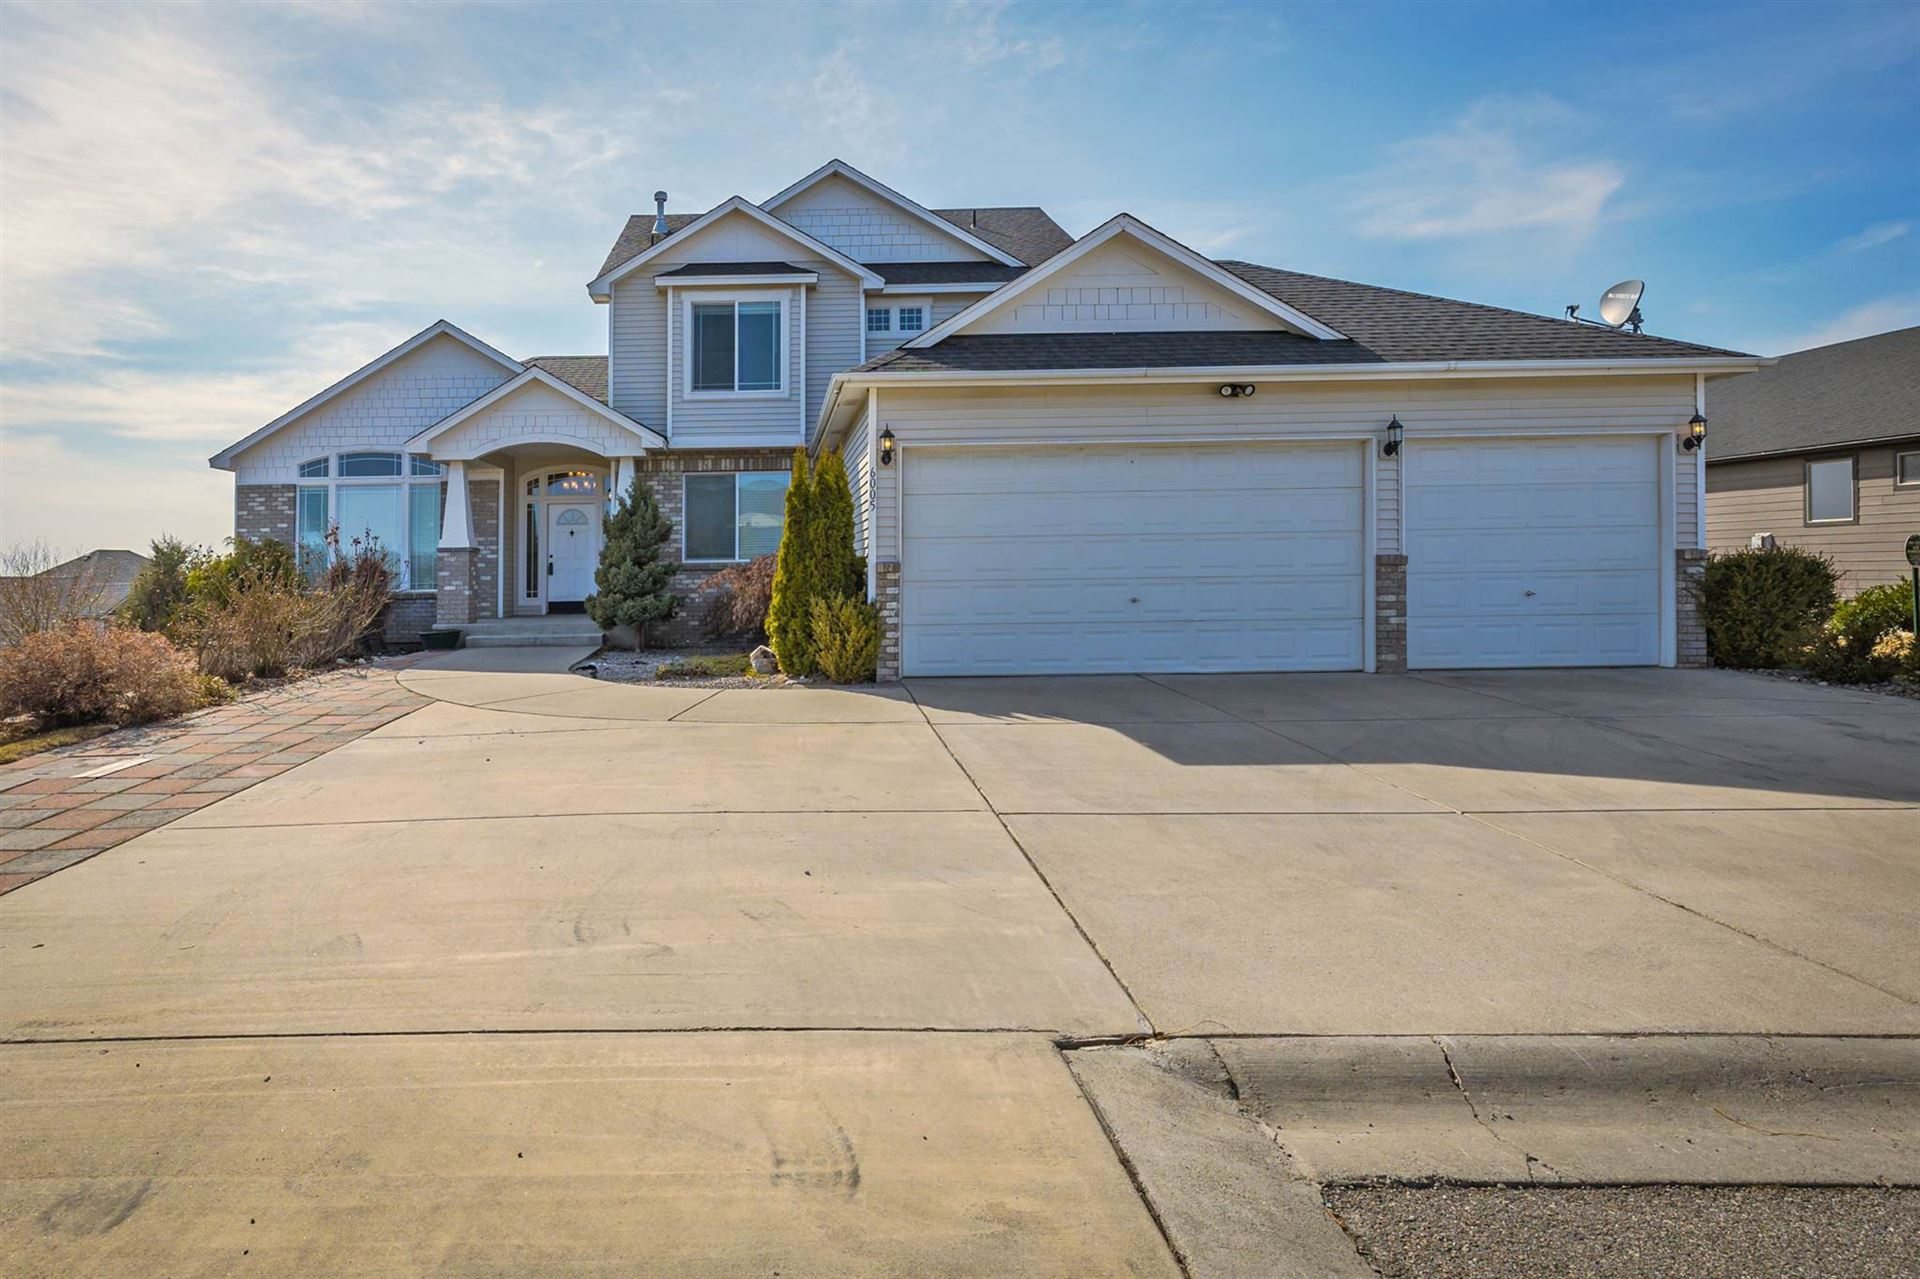 6005 N Crestmont Ln, Spokane, WA 99217 - #: 202112866